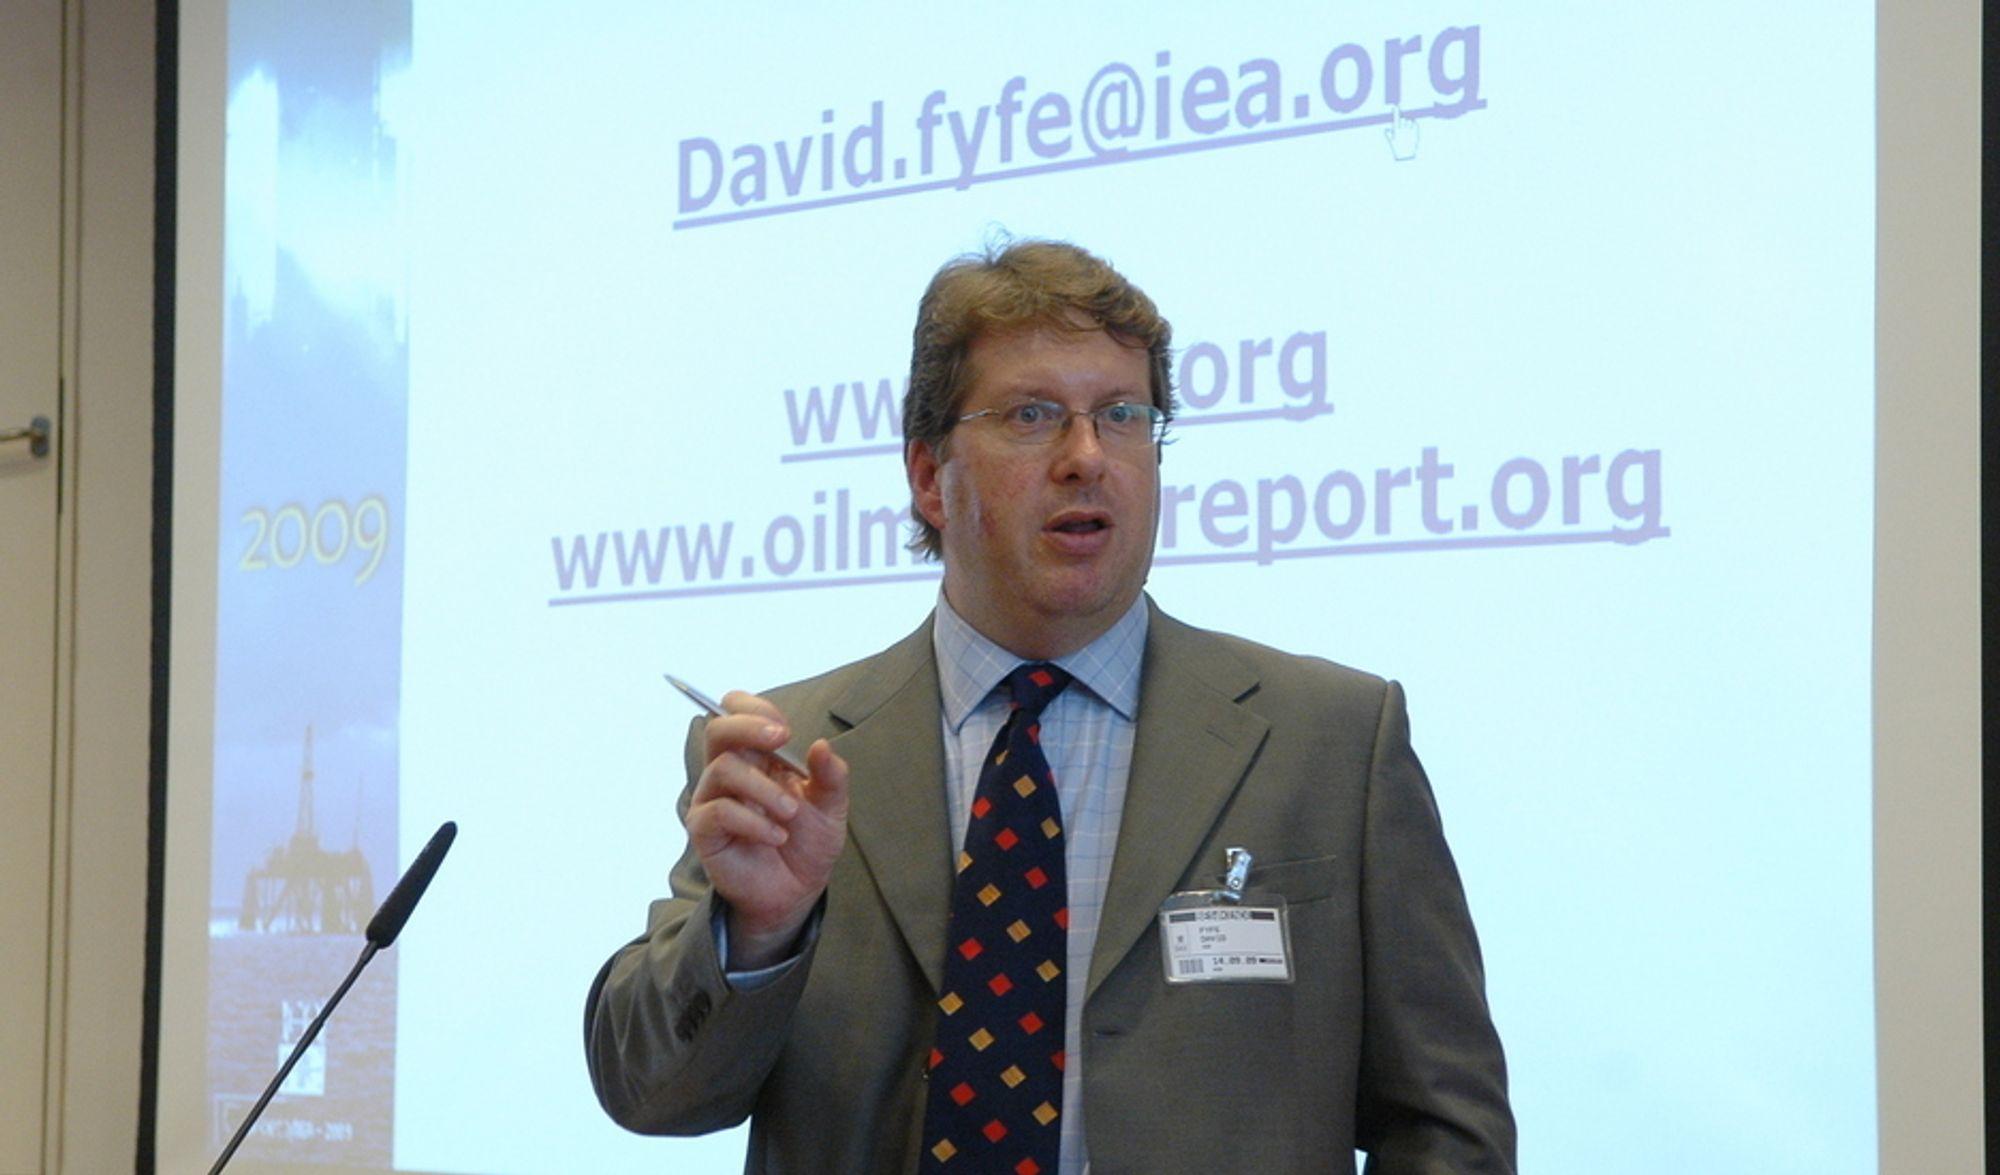 ¿ Kostnadene går opp, prosjekter blir utsatt, og nye reguleringer i offshoreaktiviteten vil mest sannsynlig bli innført av USA i etterkant av denne forferdelige ulykken, sier David Fyfe fra IEA.